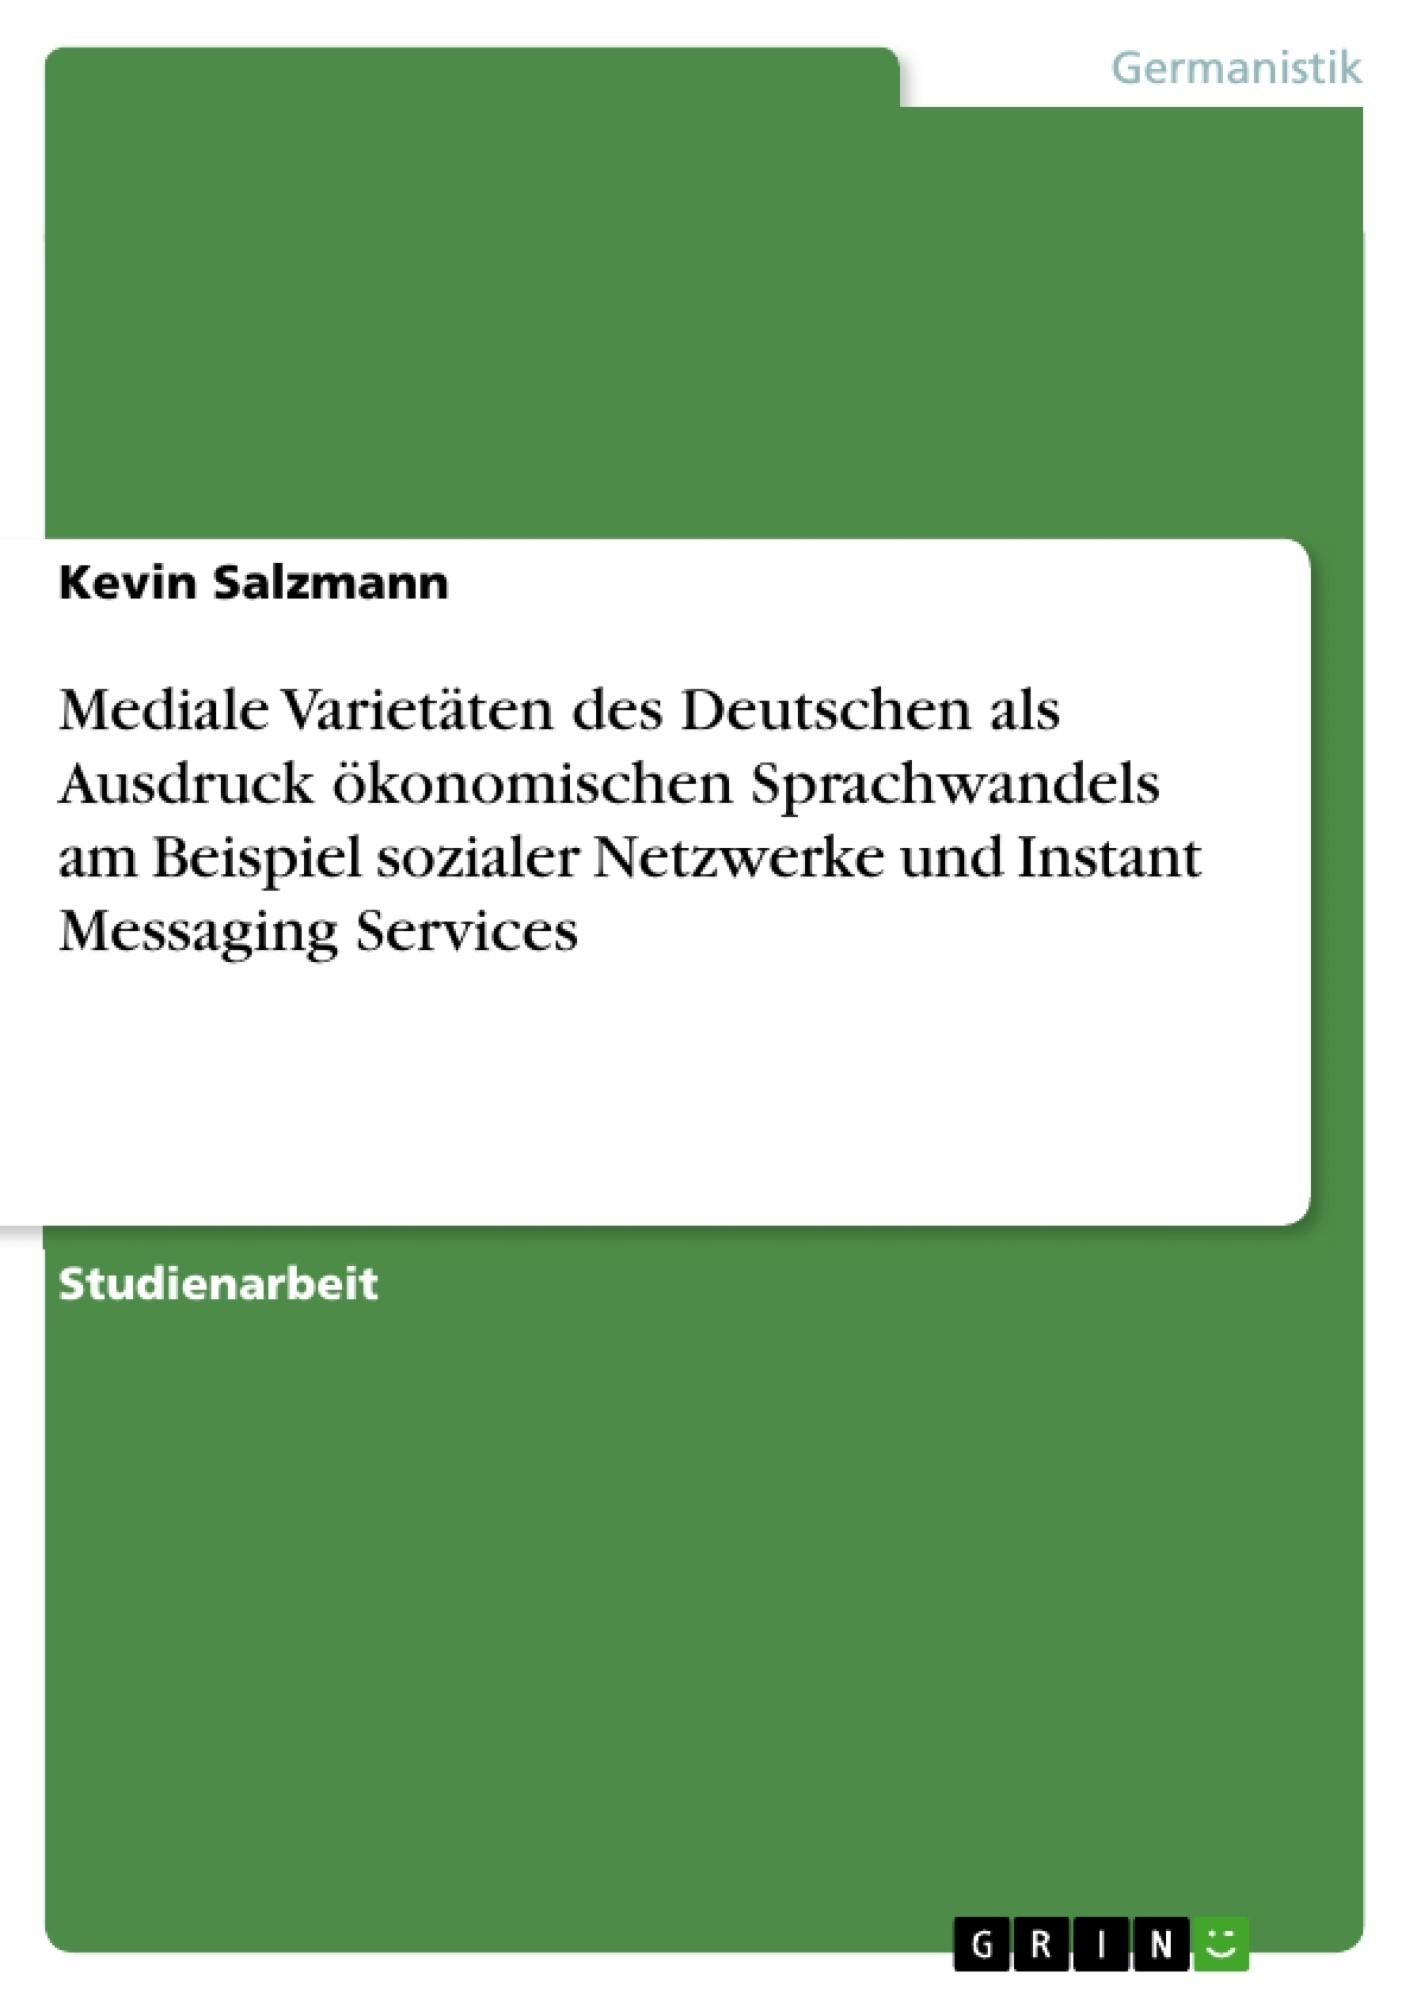 Titel: Mediale Varietäten des Deutschen als Ausdruck ökonomischen Sprachwandels am Beispiel sozialer Netzwerke und Instant Messaging Services